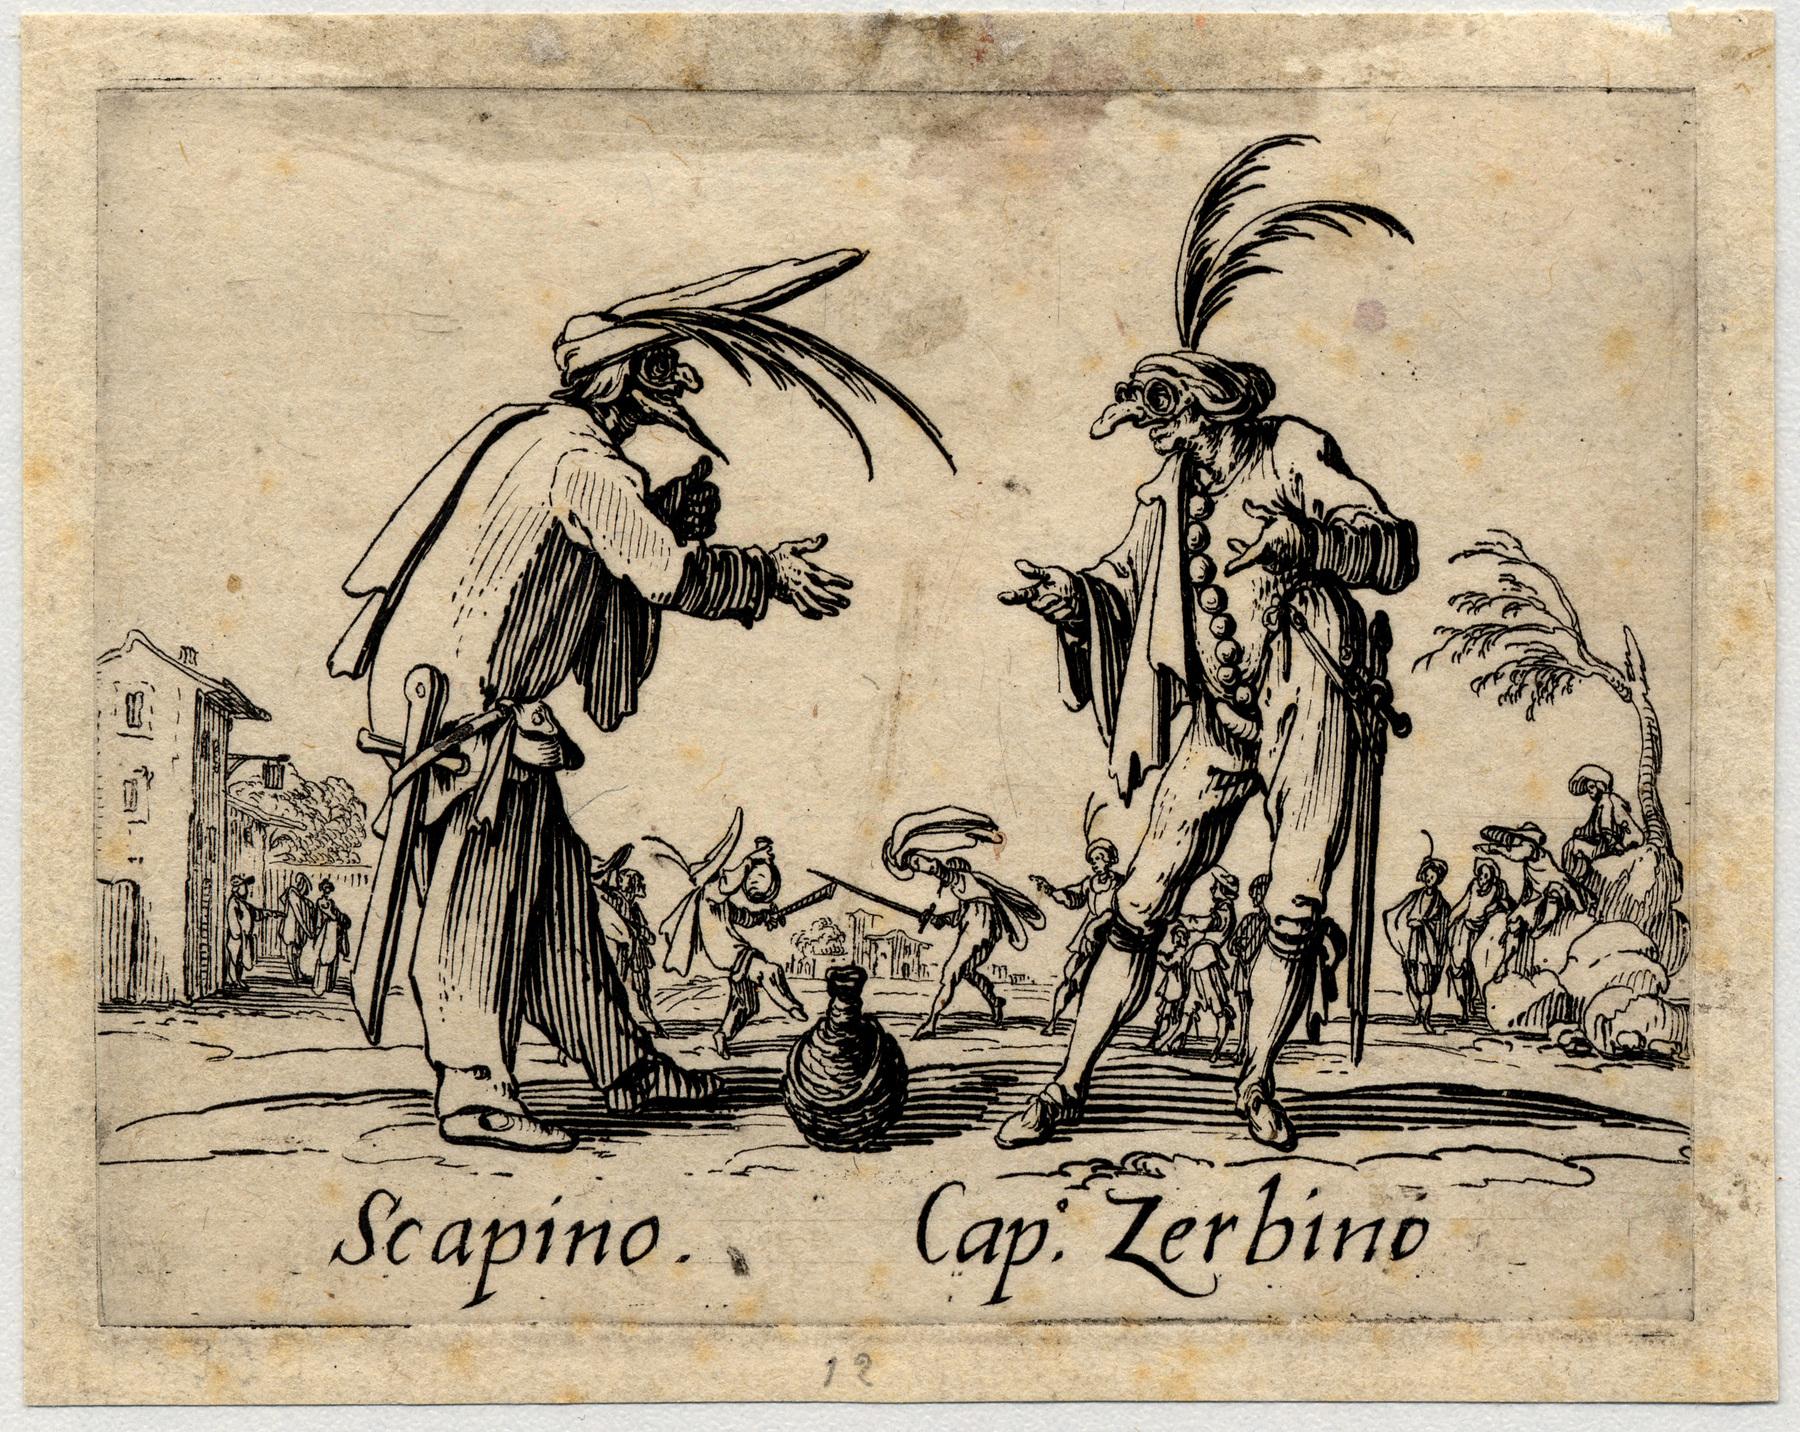 Contenu du Balli di Sfessania : Scapino, Capitaine Zerbino